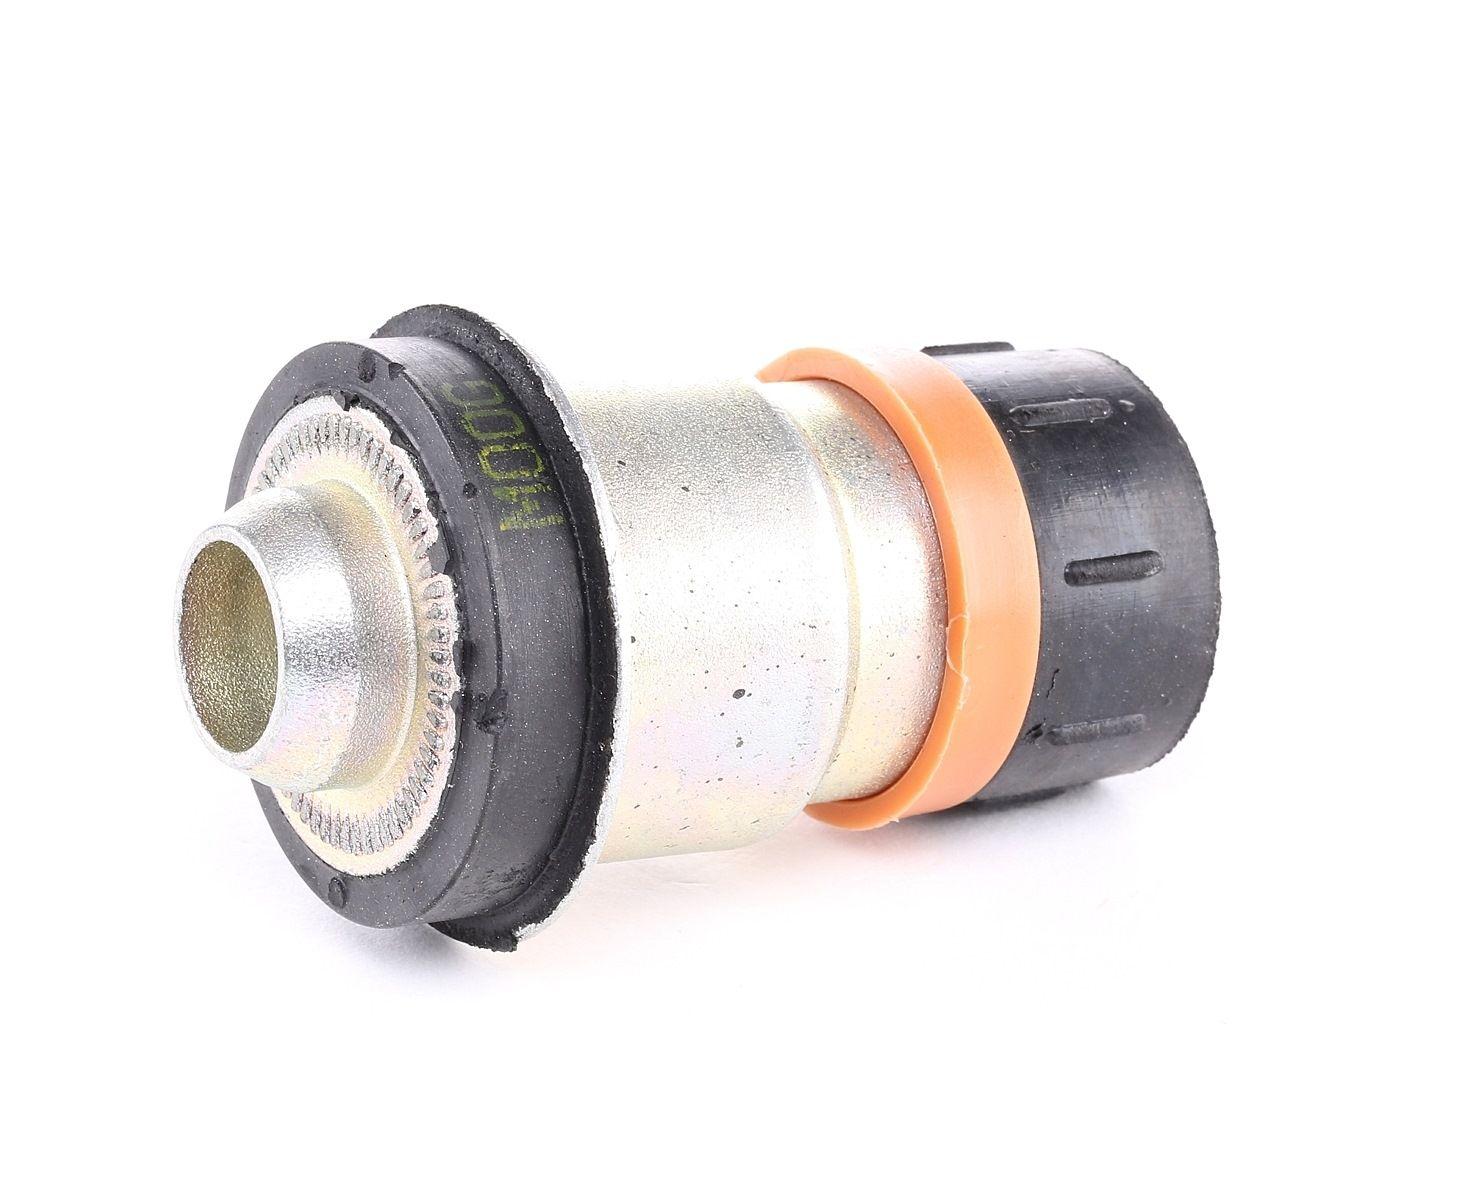 Origine Suspension et bras MOOG RE-SB-13481 (Diamètre intérieur: 17mm)